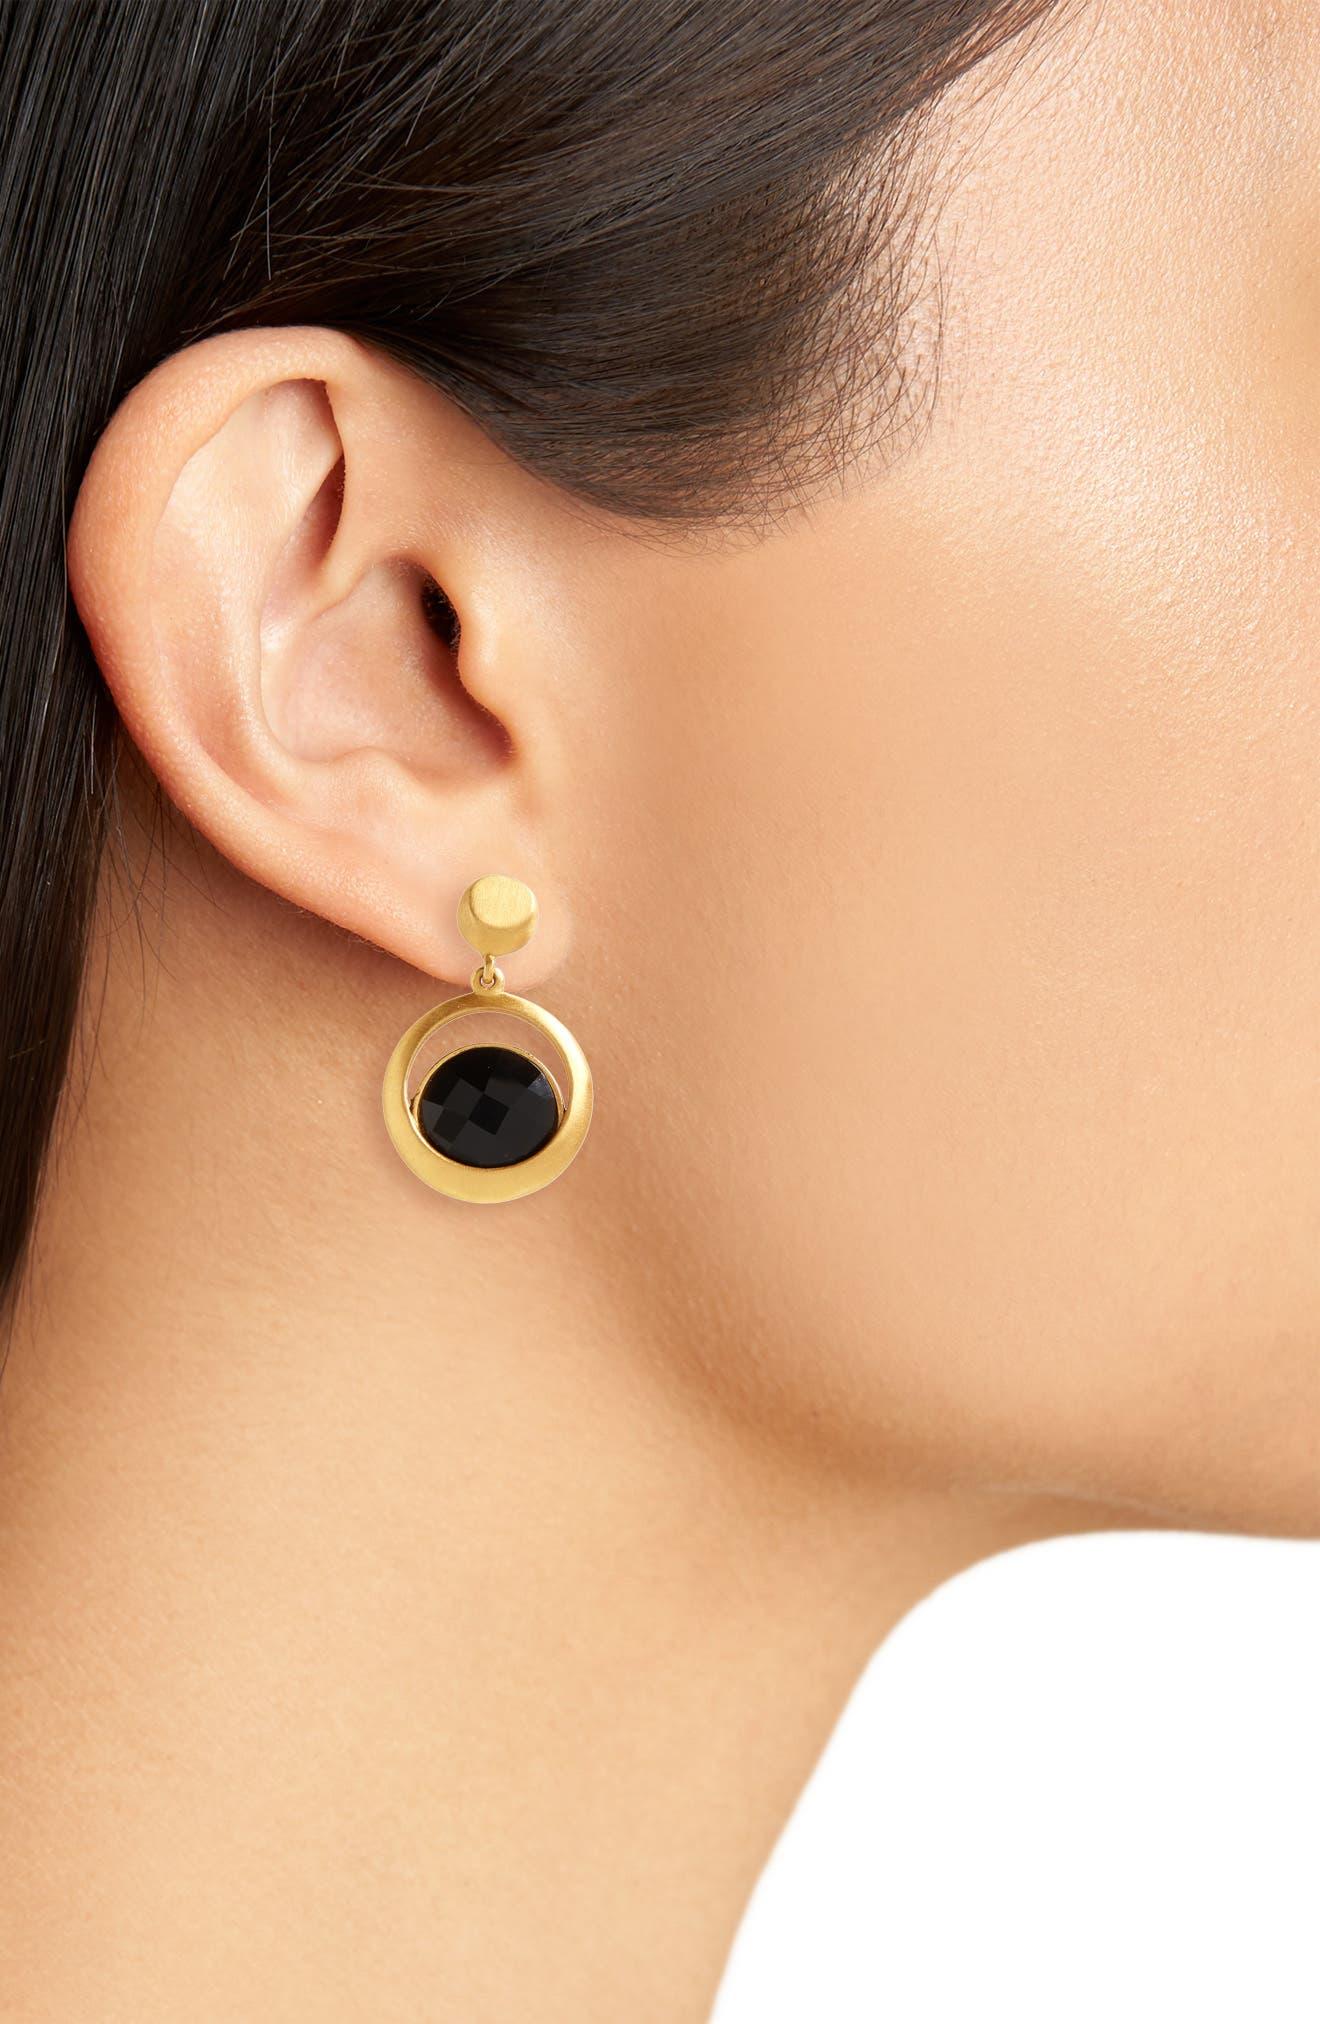 Lapa Semiprecious Stone Drop Earrings,                             Alternate thumbnail 4, color,